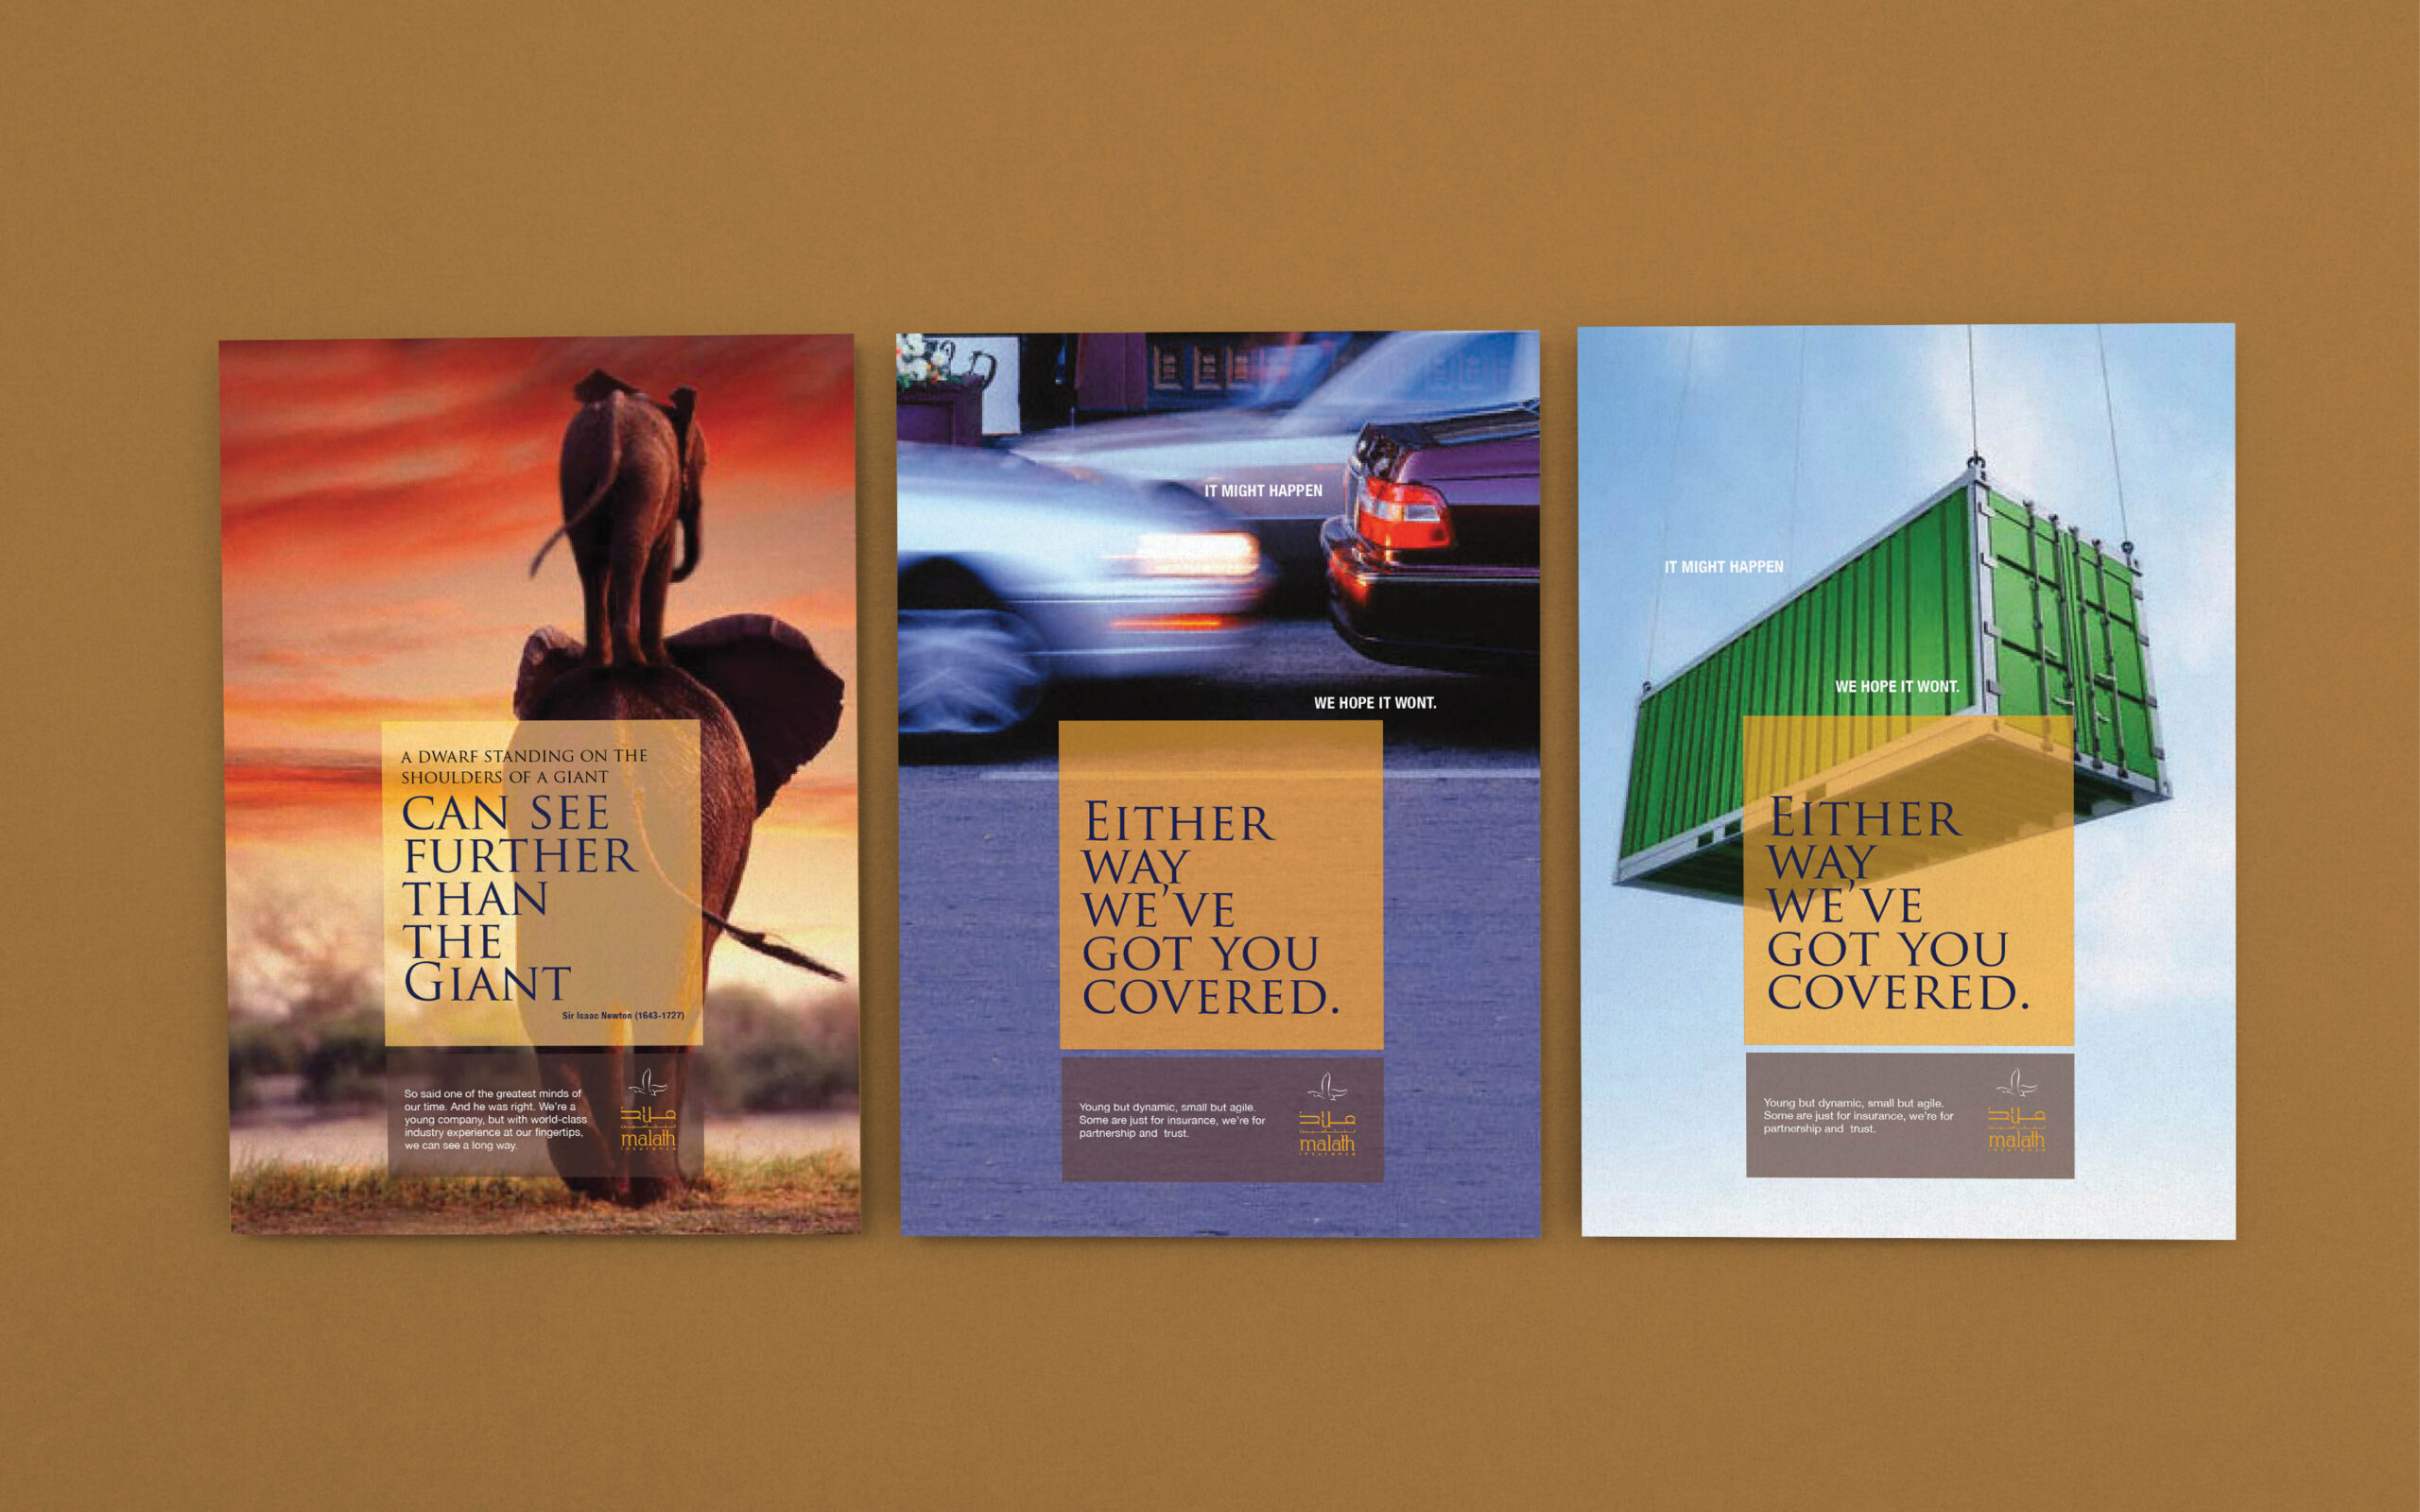 Malath posters design